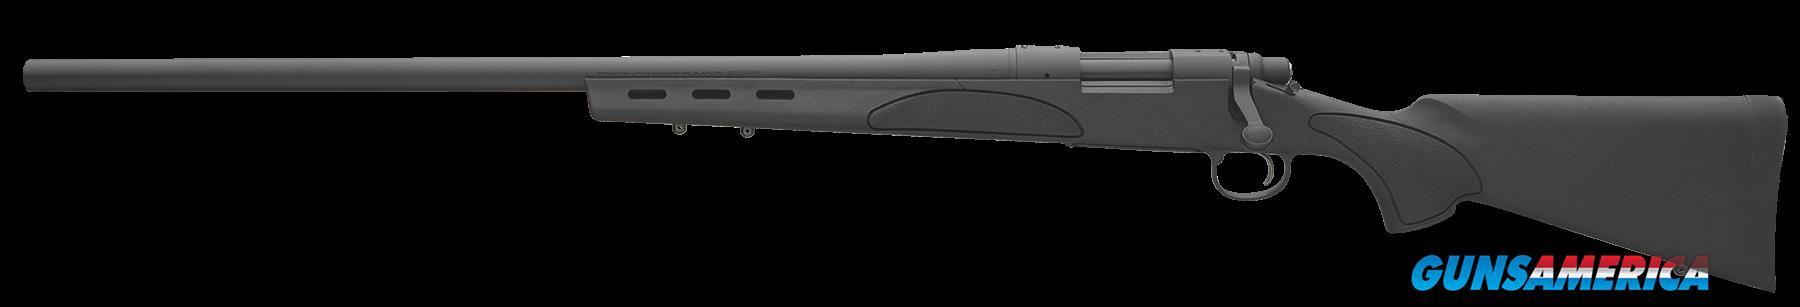 Remington Firearms 700, Rem 84228 700 Sps Syn Var 243    Lh 26  Guns > Pistols > 1911 Pistol Copies (non-Colt)